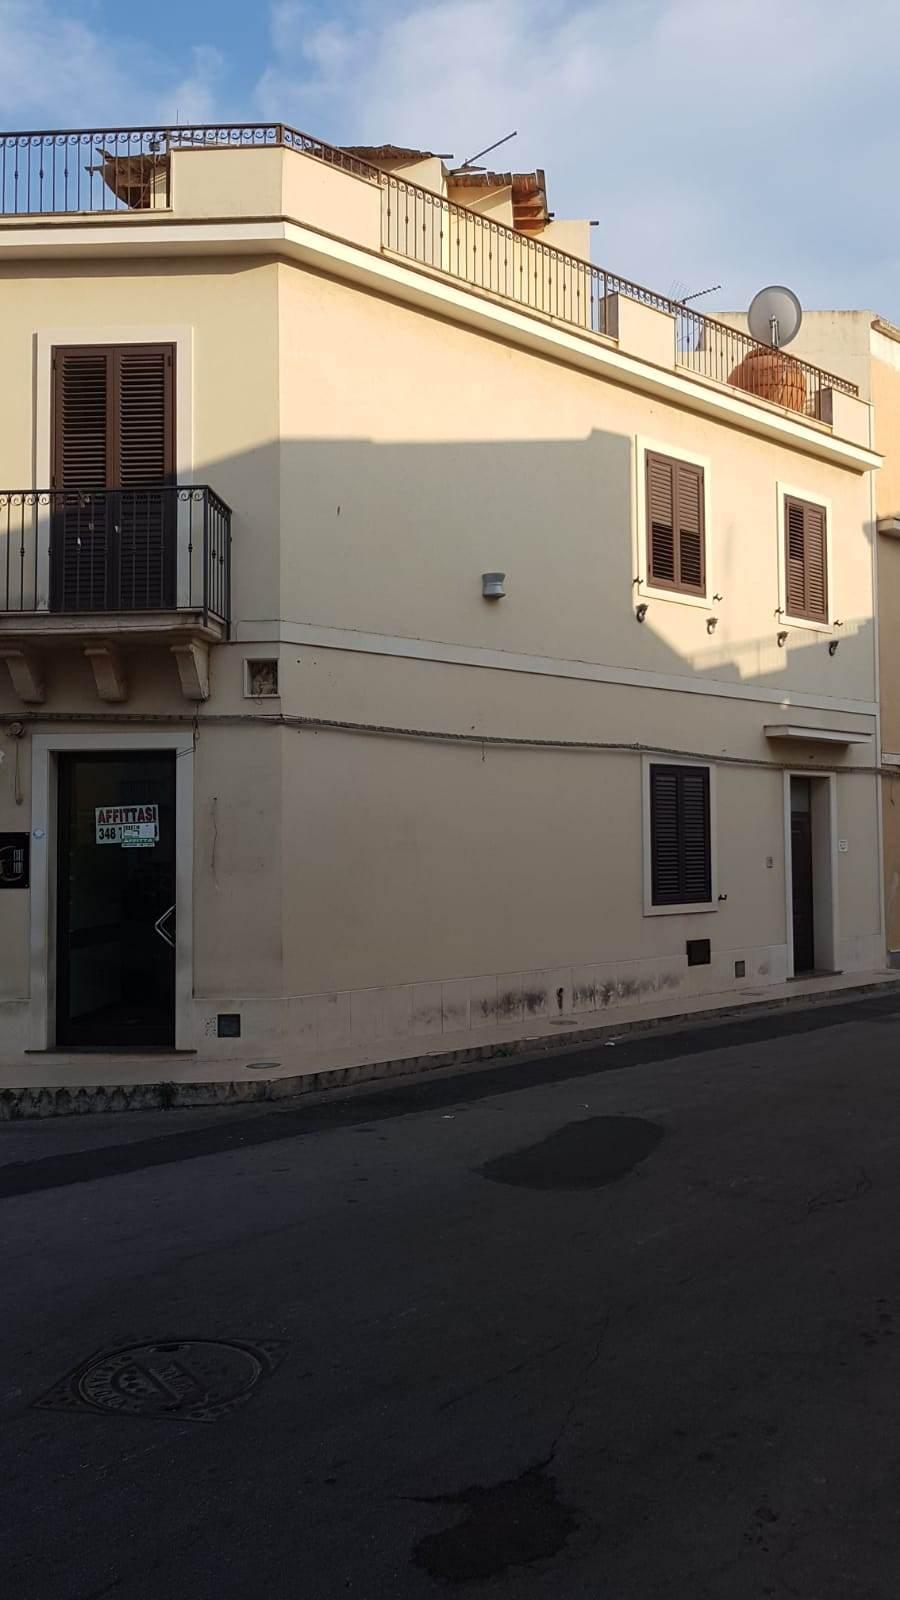 Verkauf Villa/Einzelhaus Avola  #28CZ n.3